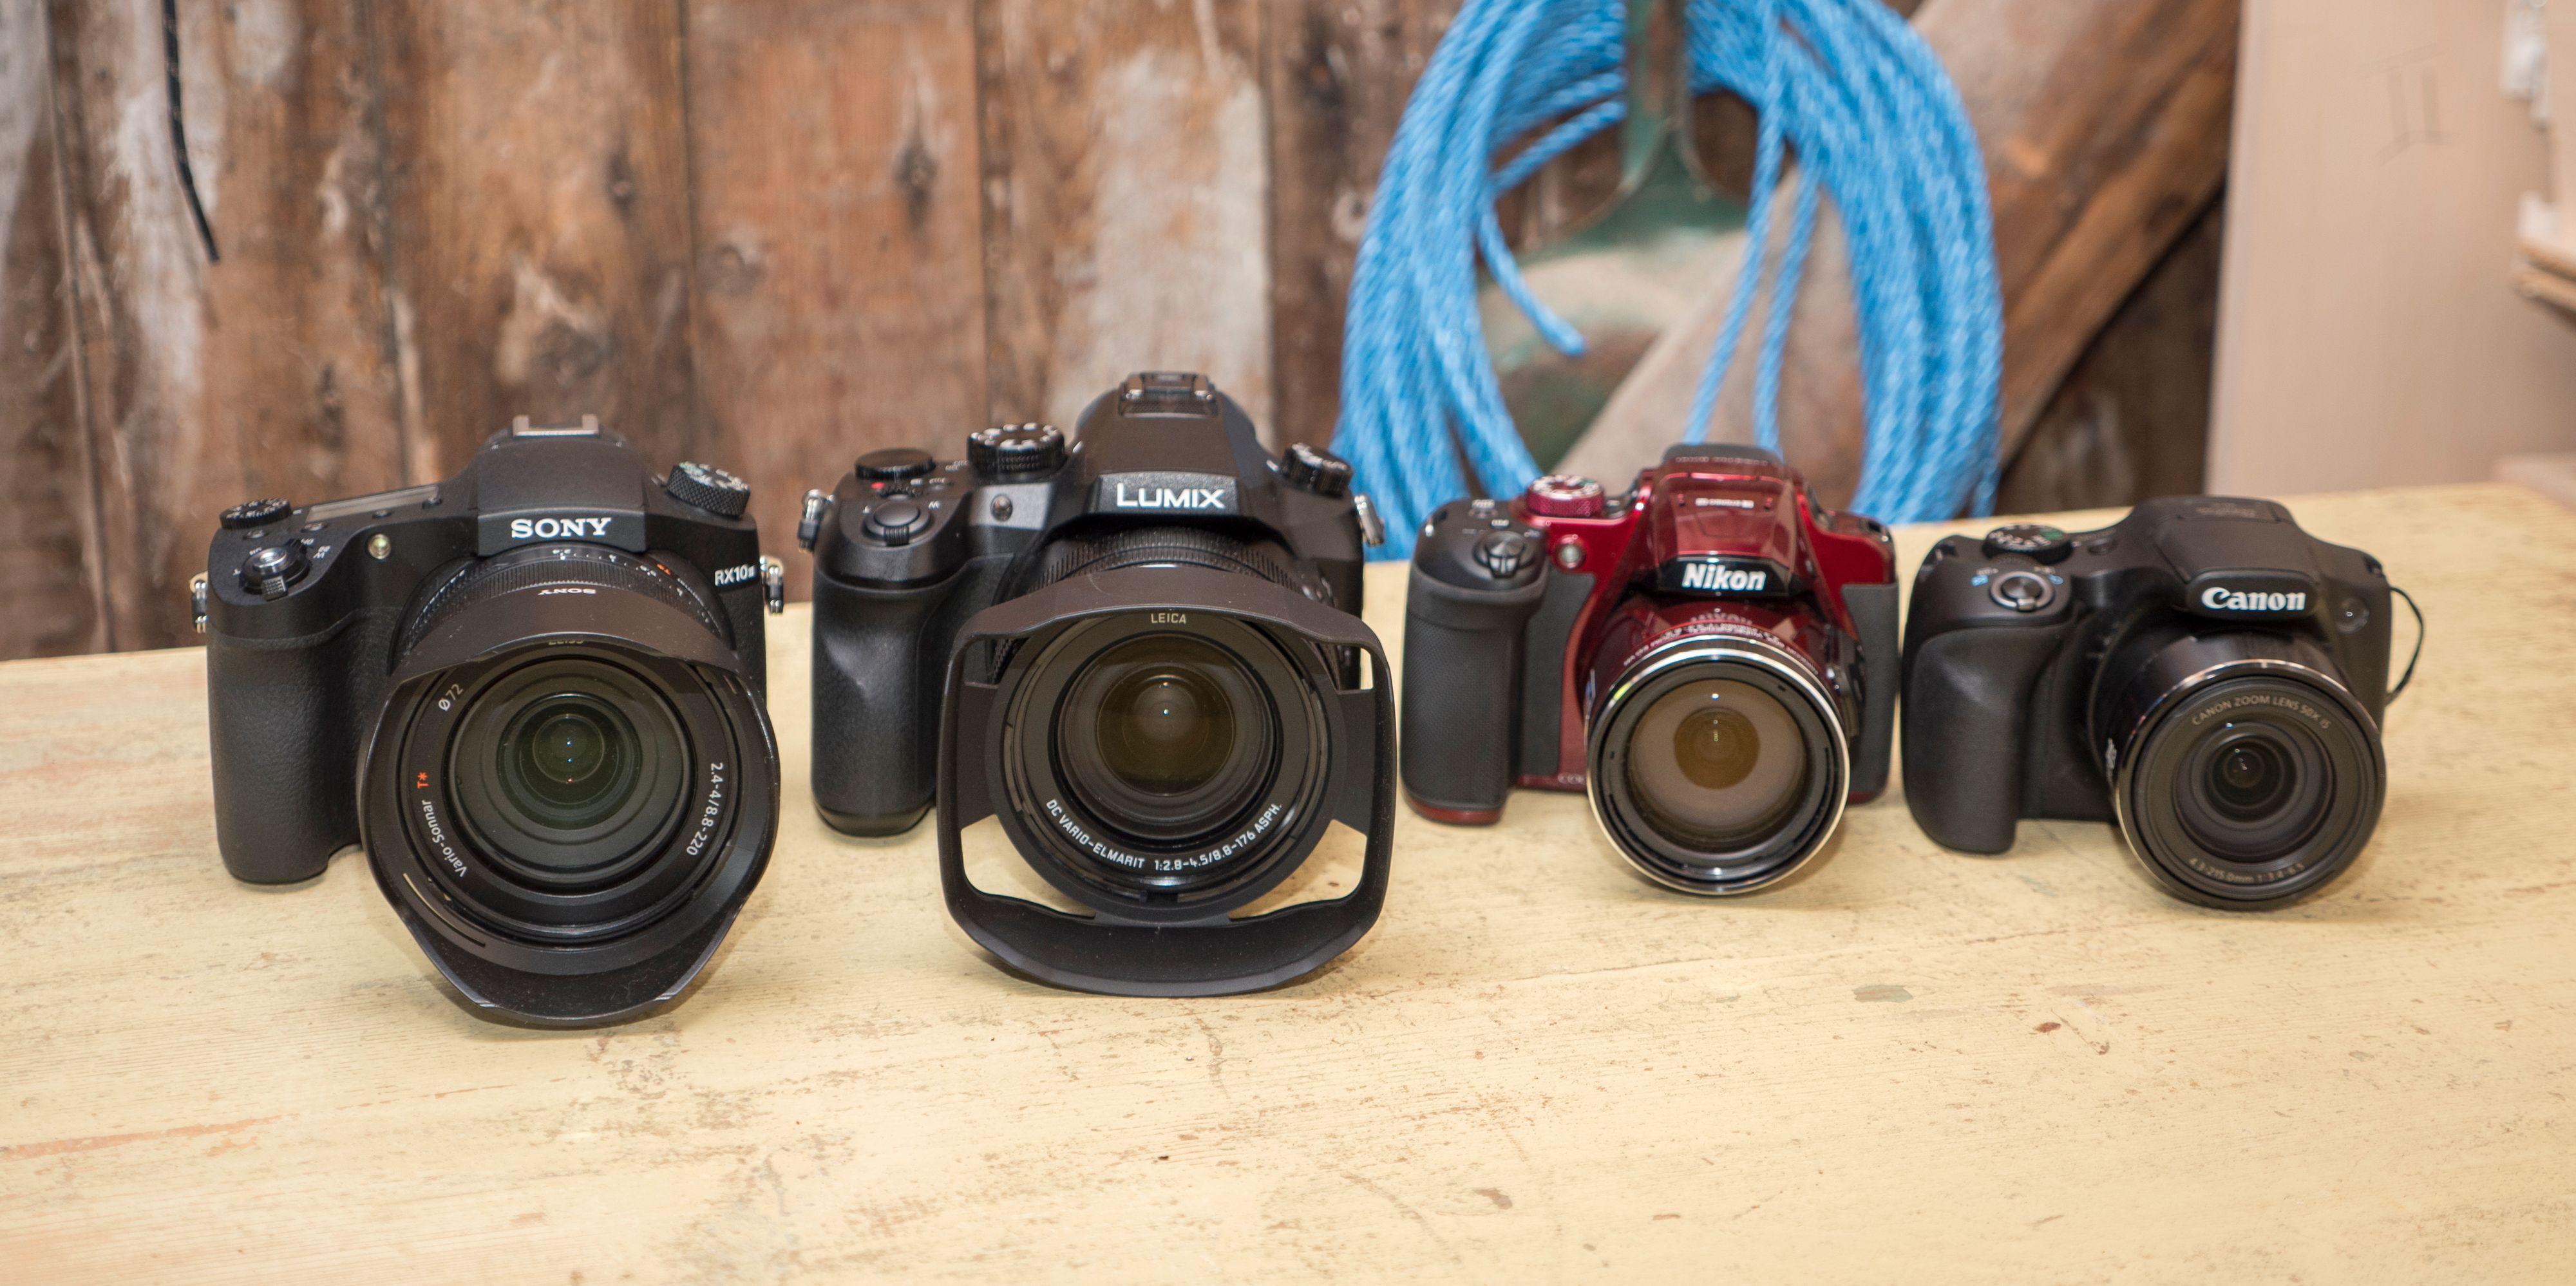 Fra venstre, hvis du ikke ser det på bildet: Sony, Panasonic, Nikon og Canon.